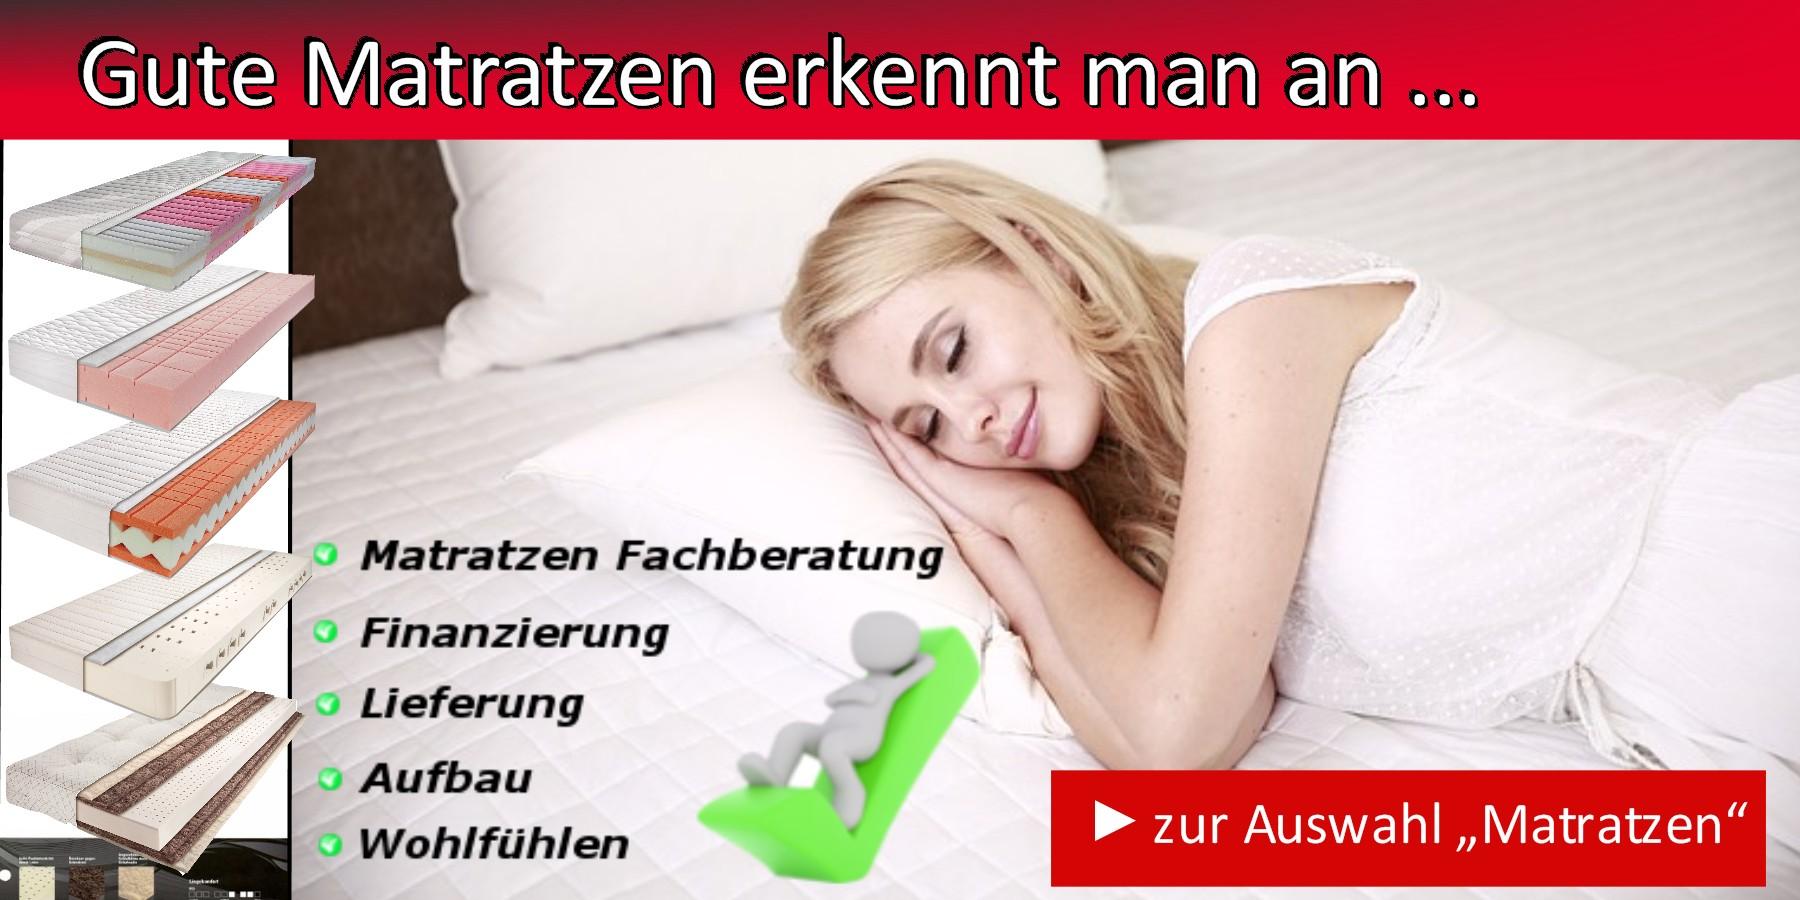 Matratzen-Matratzen-online-kaufen-gute-Matratzen-Marken-Matratzenl4m1OA4azZF60